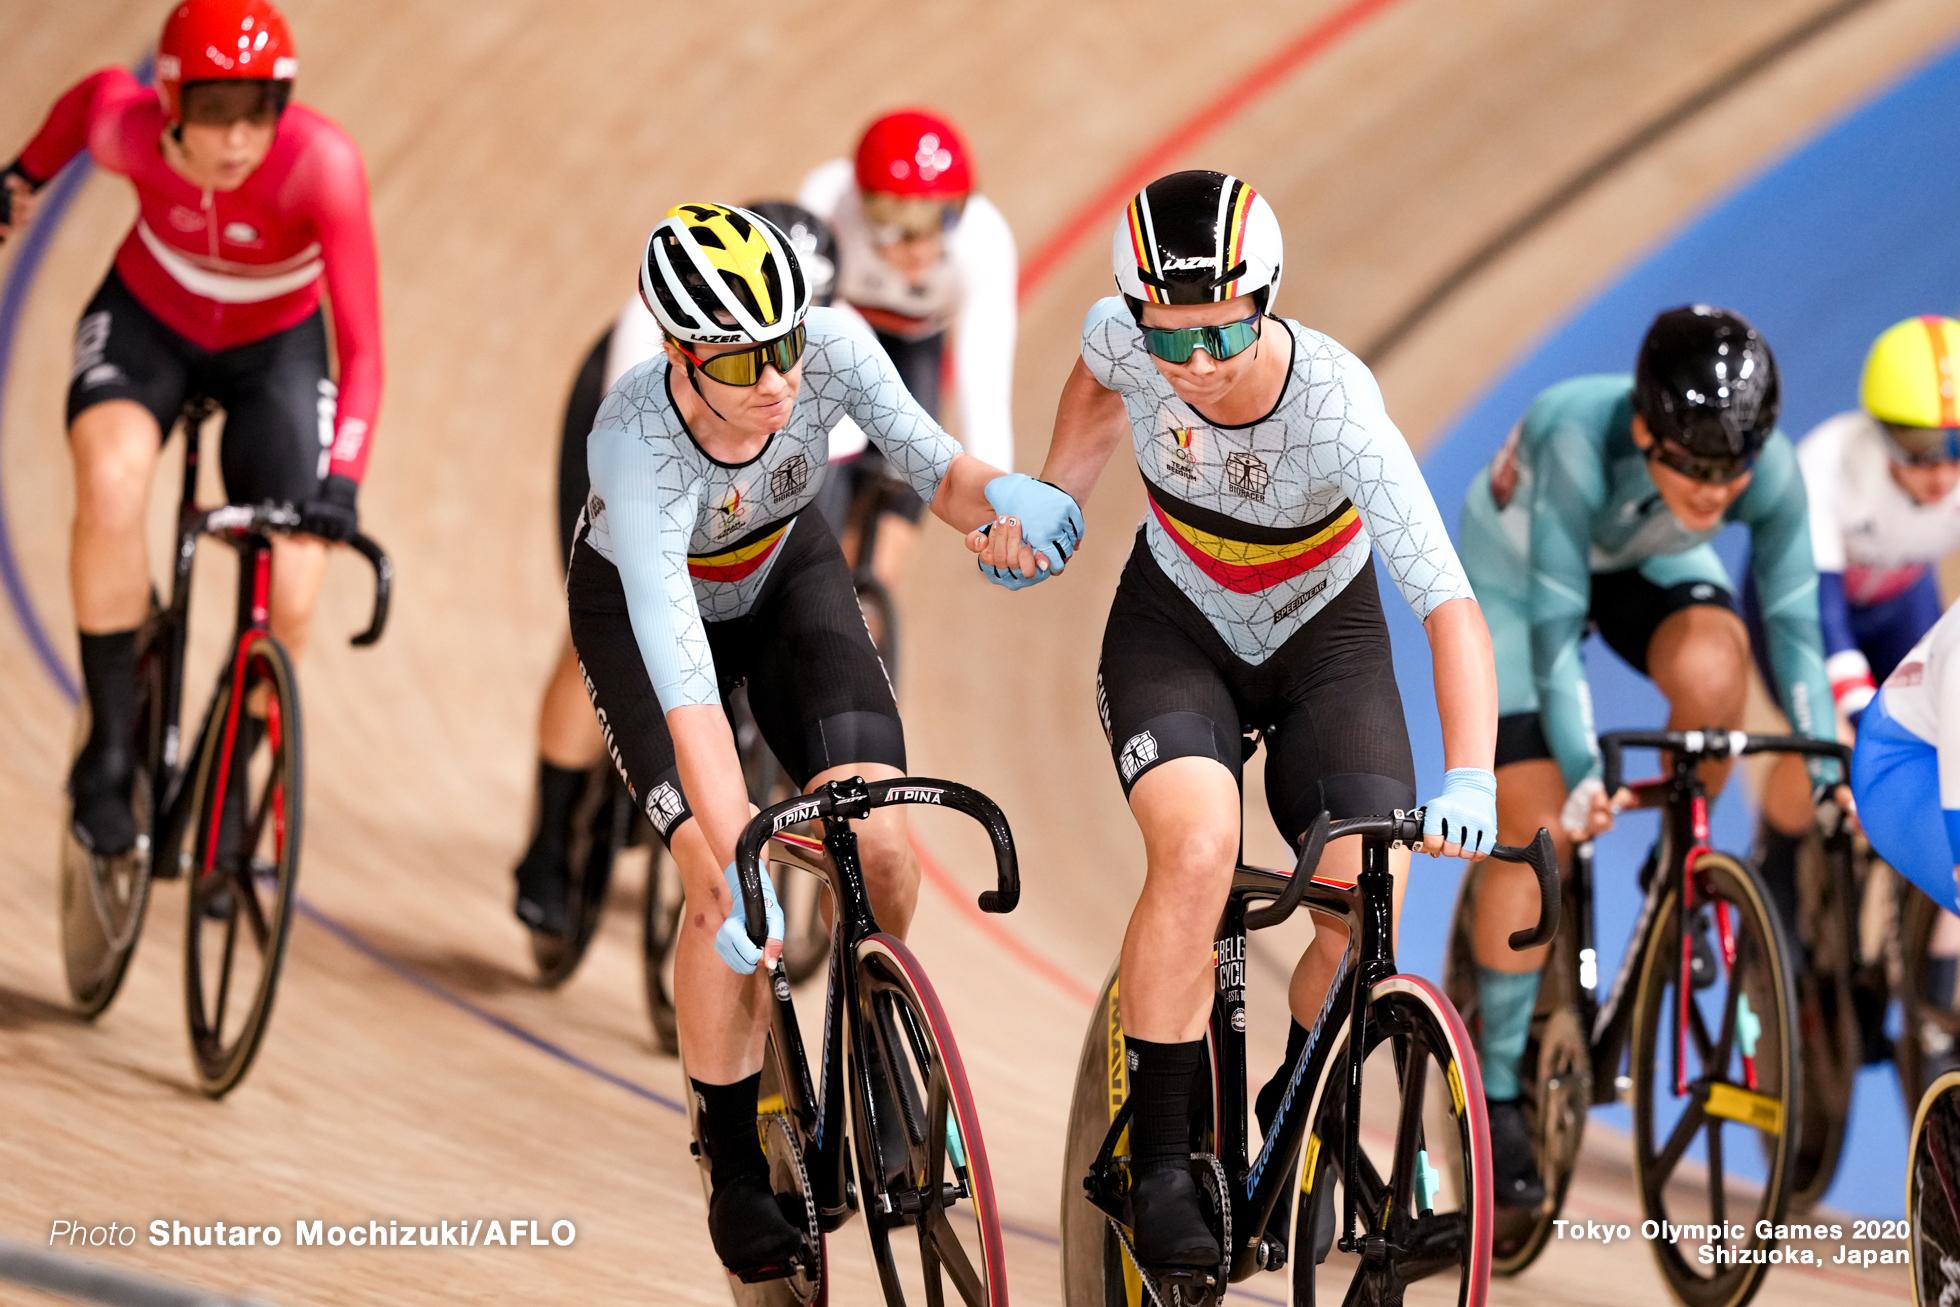 ロッテ・コペツキー Lotte Kopecky (BEL), ジョリエン・ドホール Jolien D'hoore (BEL), Women's Madison AUGUST 6, 2021 - Cycling : during the Tokyo 2020 Olympic Games at the Izu Velodrome in Shizuoka, Japan. (Photo by Shutaro Mochizuki/AFLO)